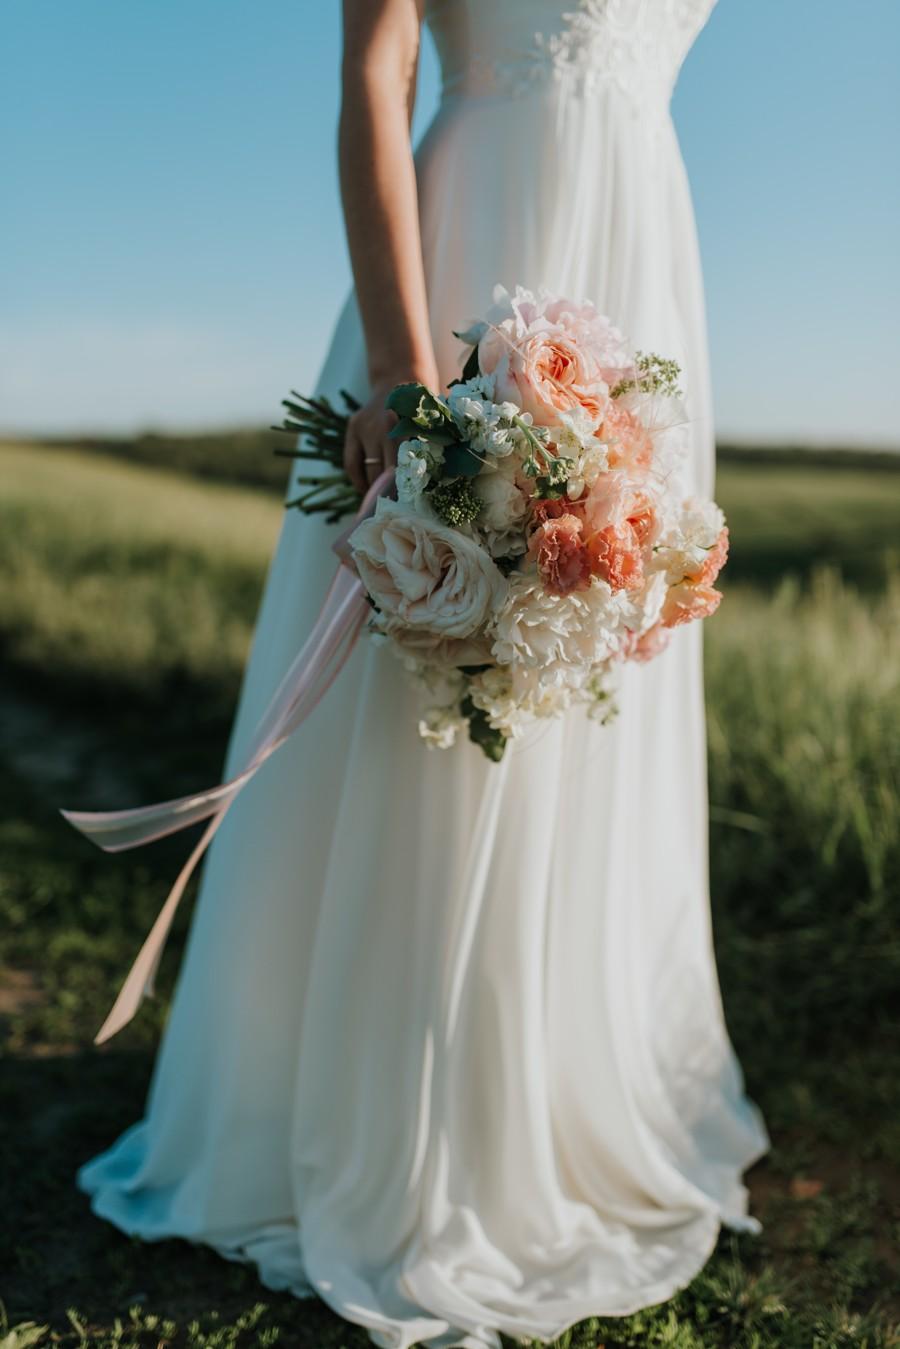 Svatební kytici držte vždy nízko, abyste vypadala vyšší.